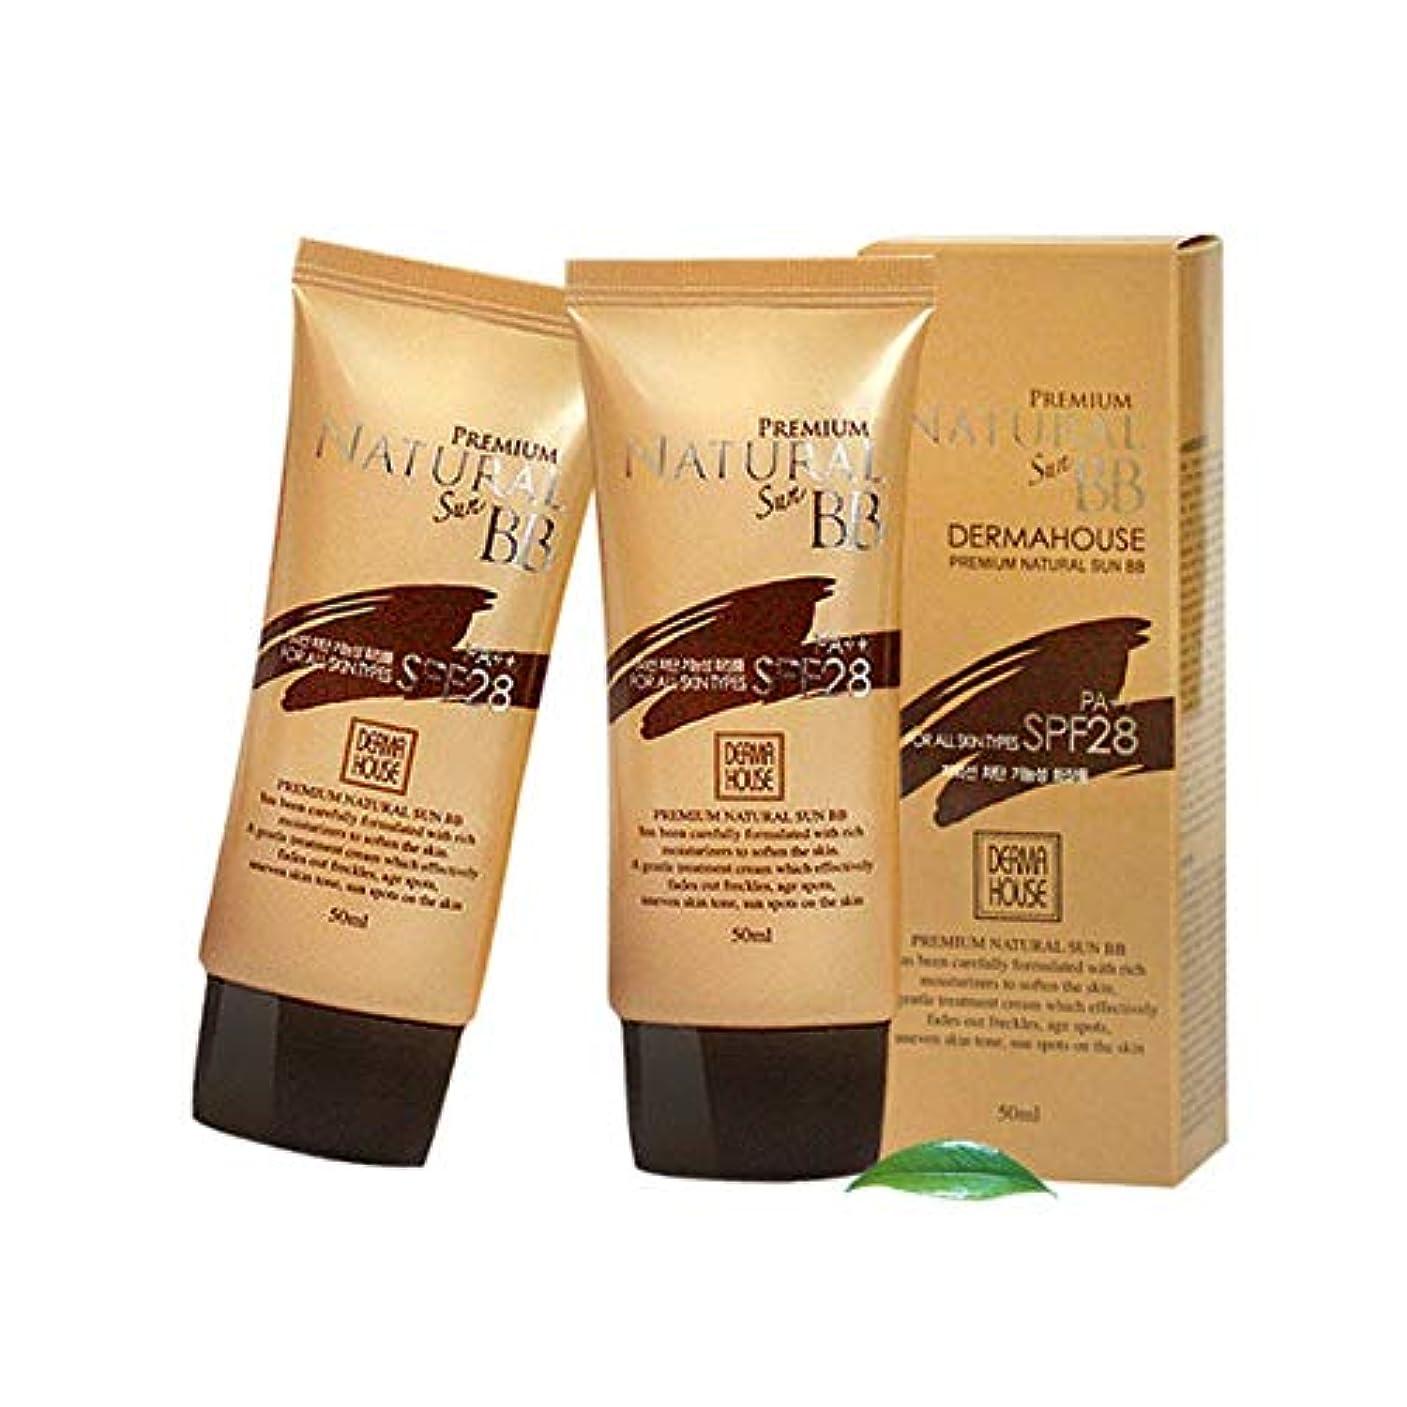 アンプフォアマン浸透するダーマハウスプレミアムナチュラルサンBBクリーム 50mlx2本セット韓国コスメ、Derma House Premium Natural Sun BB Cream 50ml x 2ea Set Korean Cosmetics...